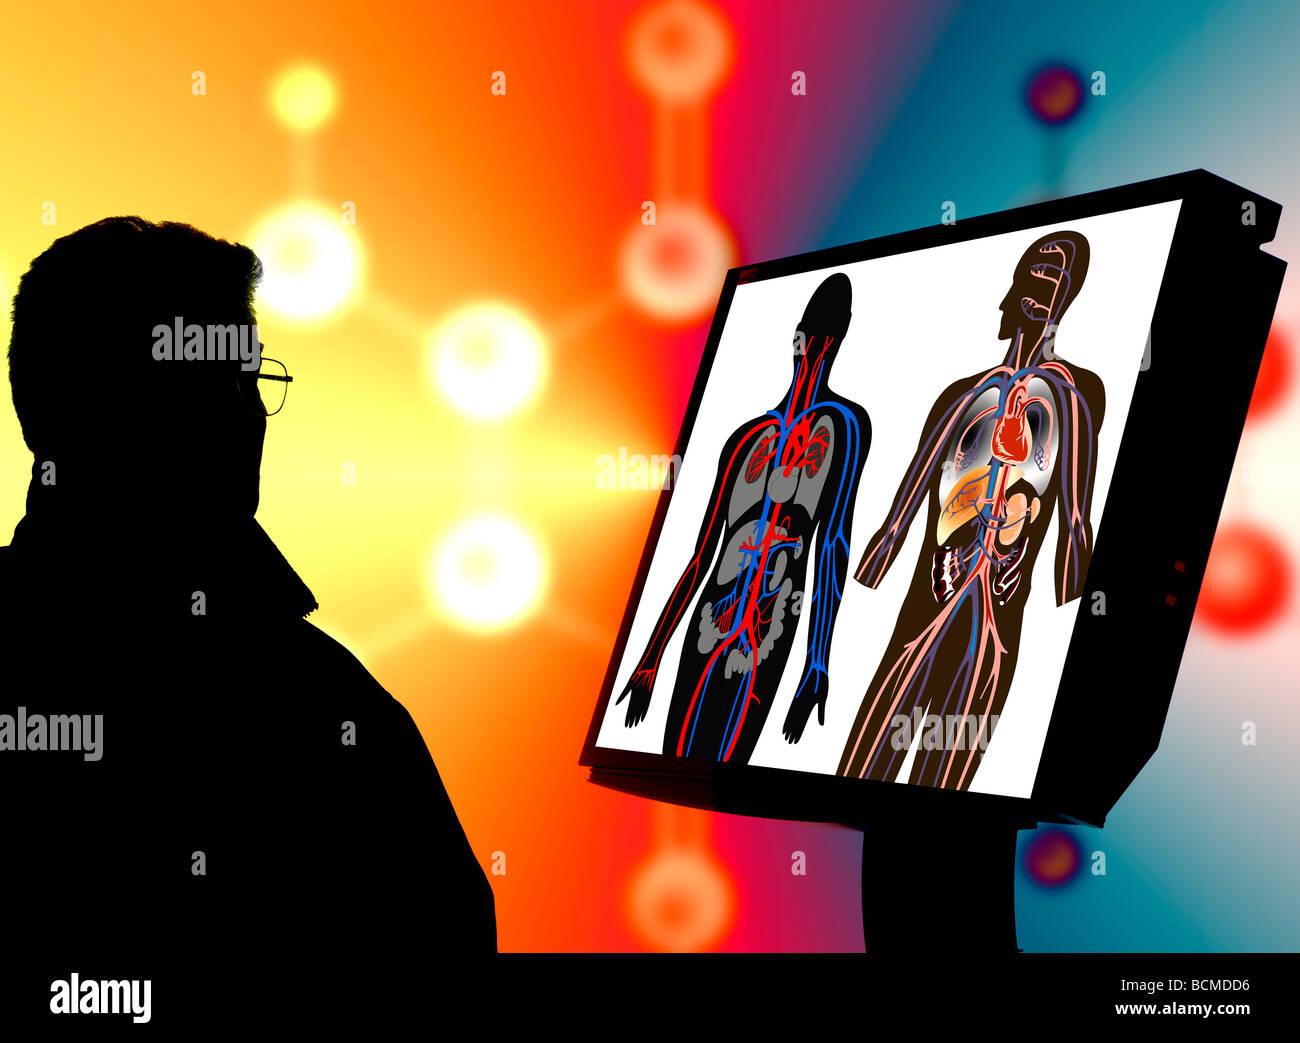 Médecin recherche contrôle de débit artériel illustrations sur écran d'ordinateur Photo Stock